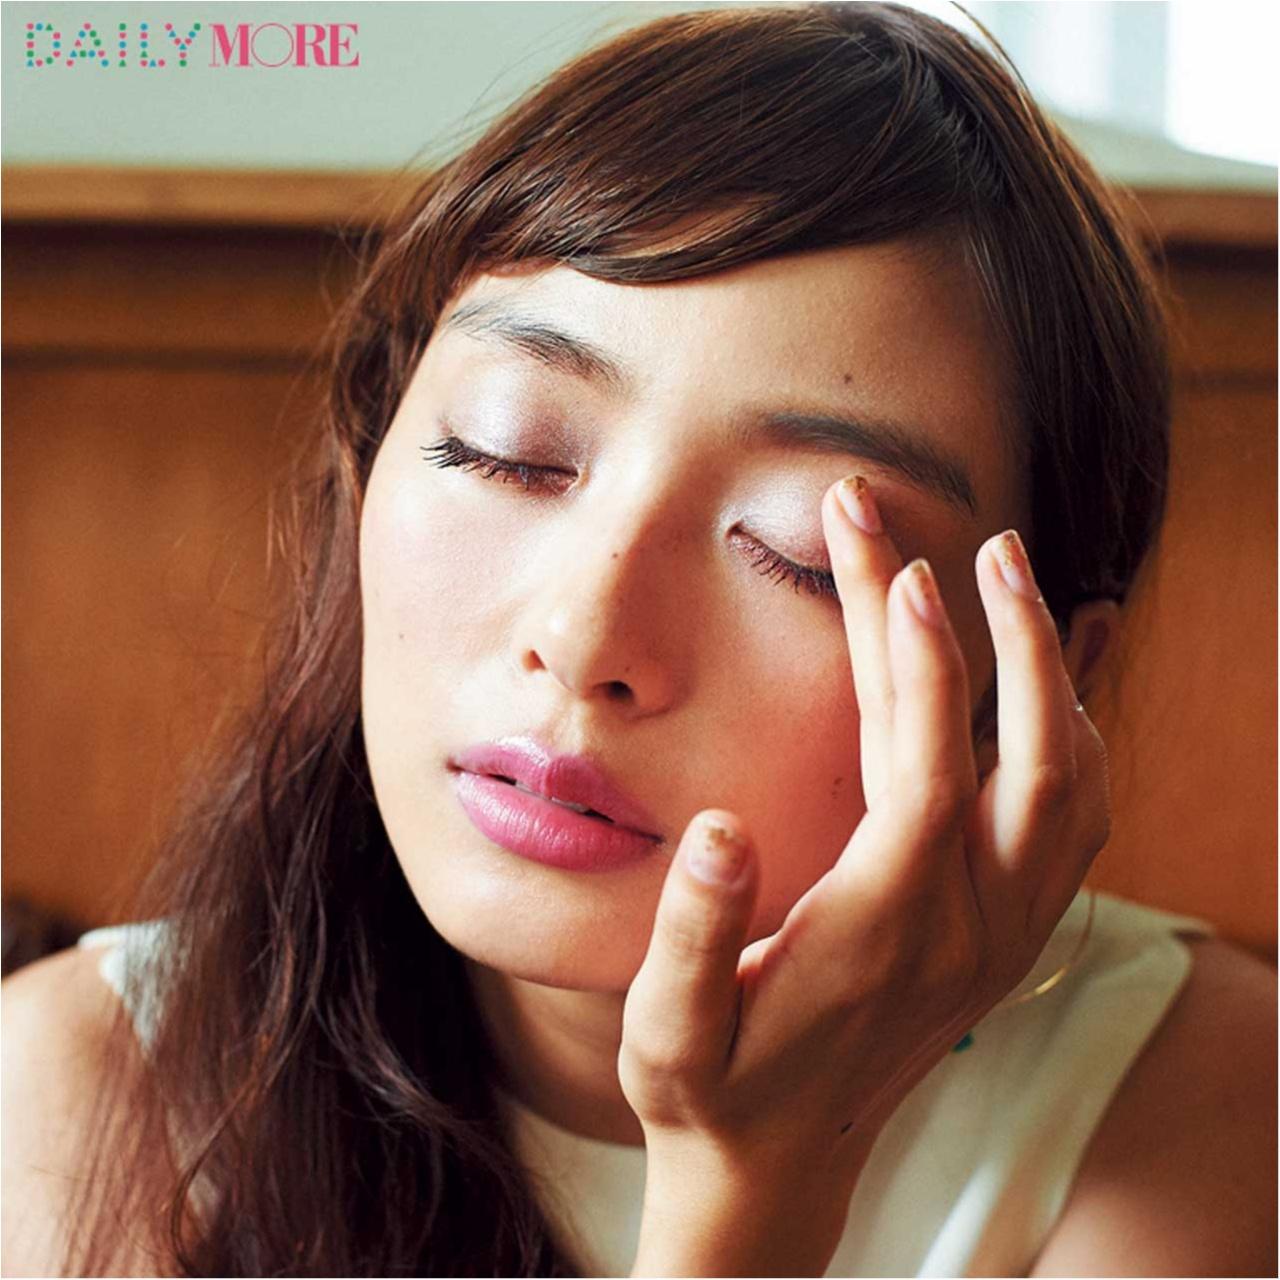 内田理央出演! イガリシノブさんの「彼と夜デートの日」は、うるうるセクシーな「寒色×暖色アイメイク」が効く♡_3